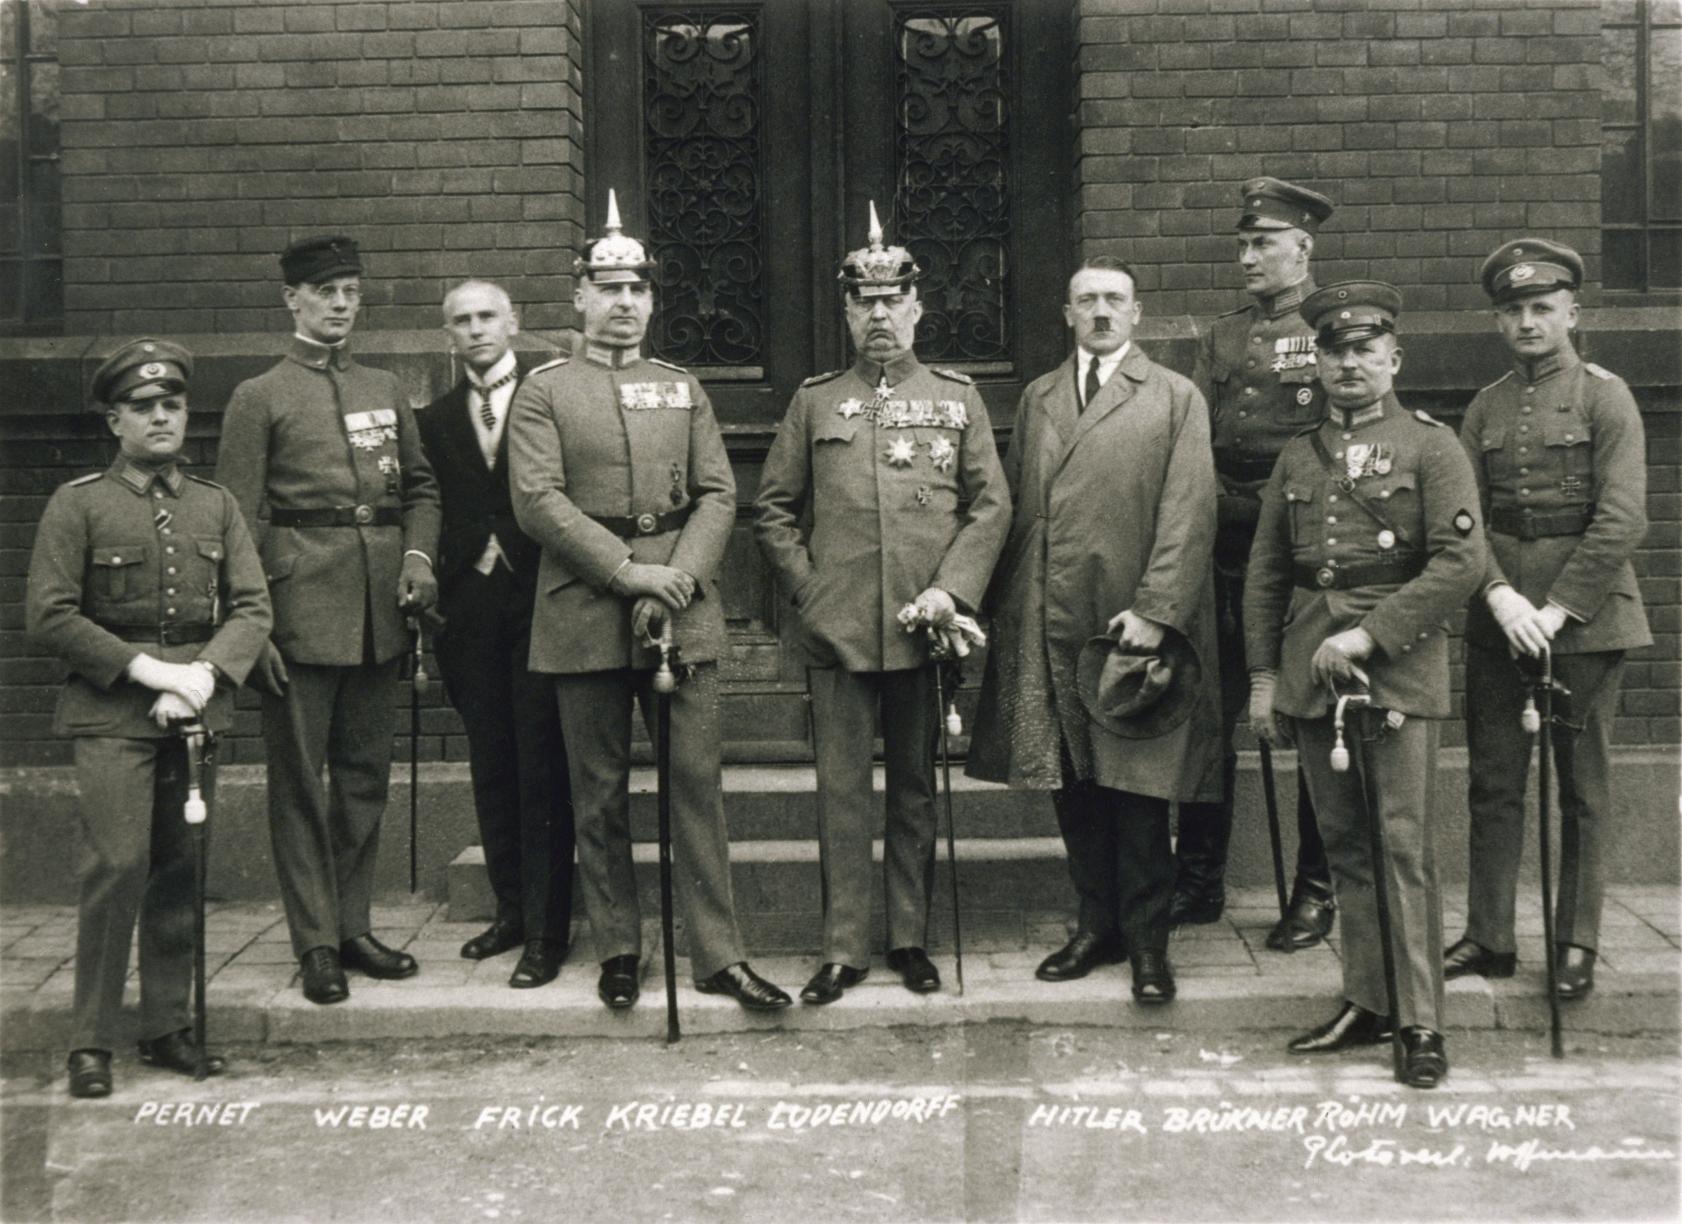 File:Bundesarchiv Bild 102-00344A, München, nach Hitler-Ludendorff Prozess.jpg